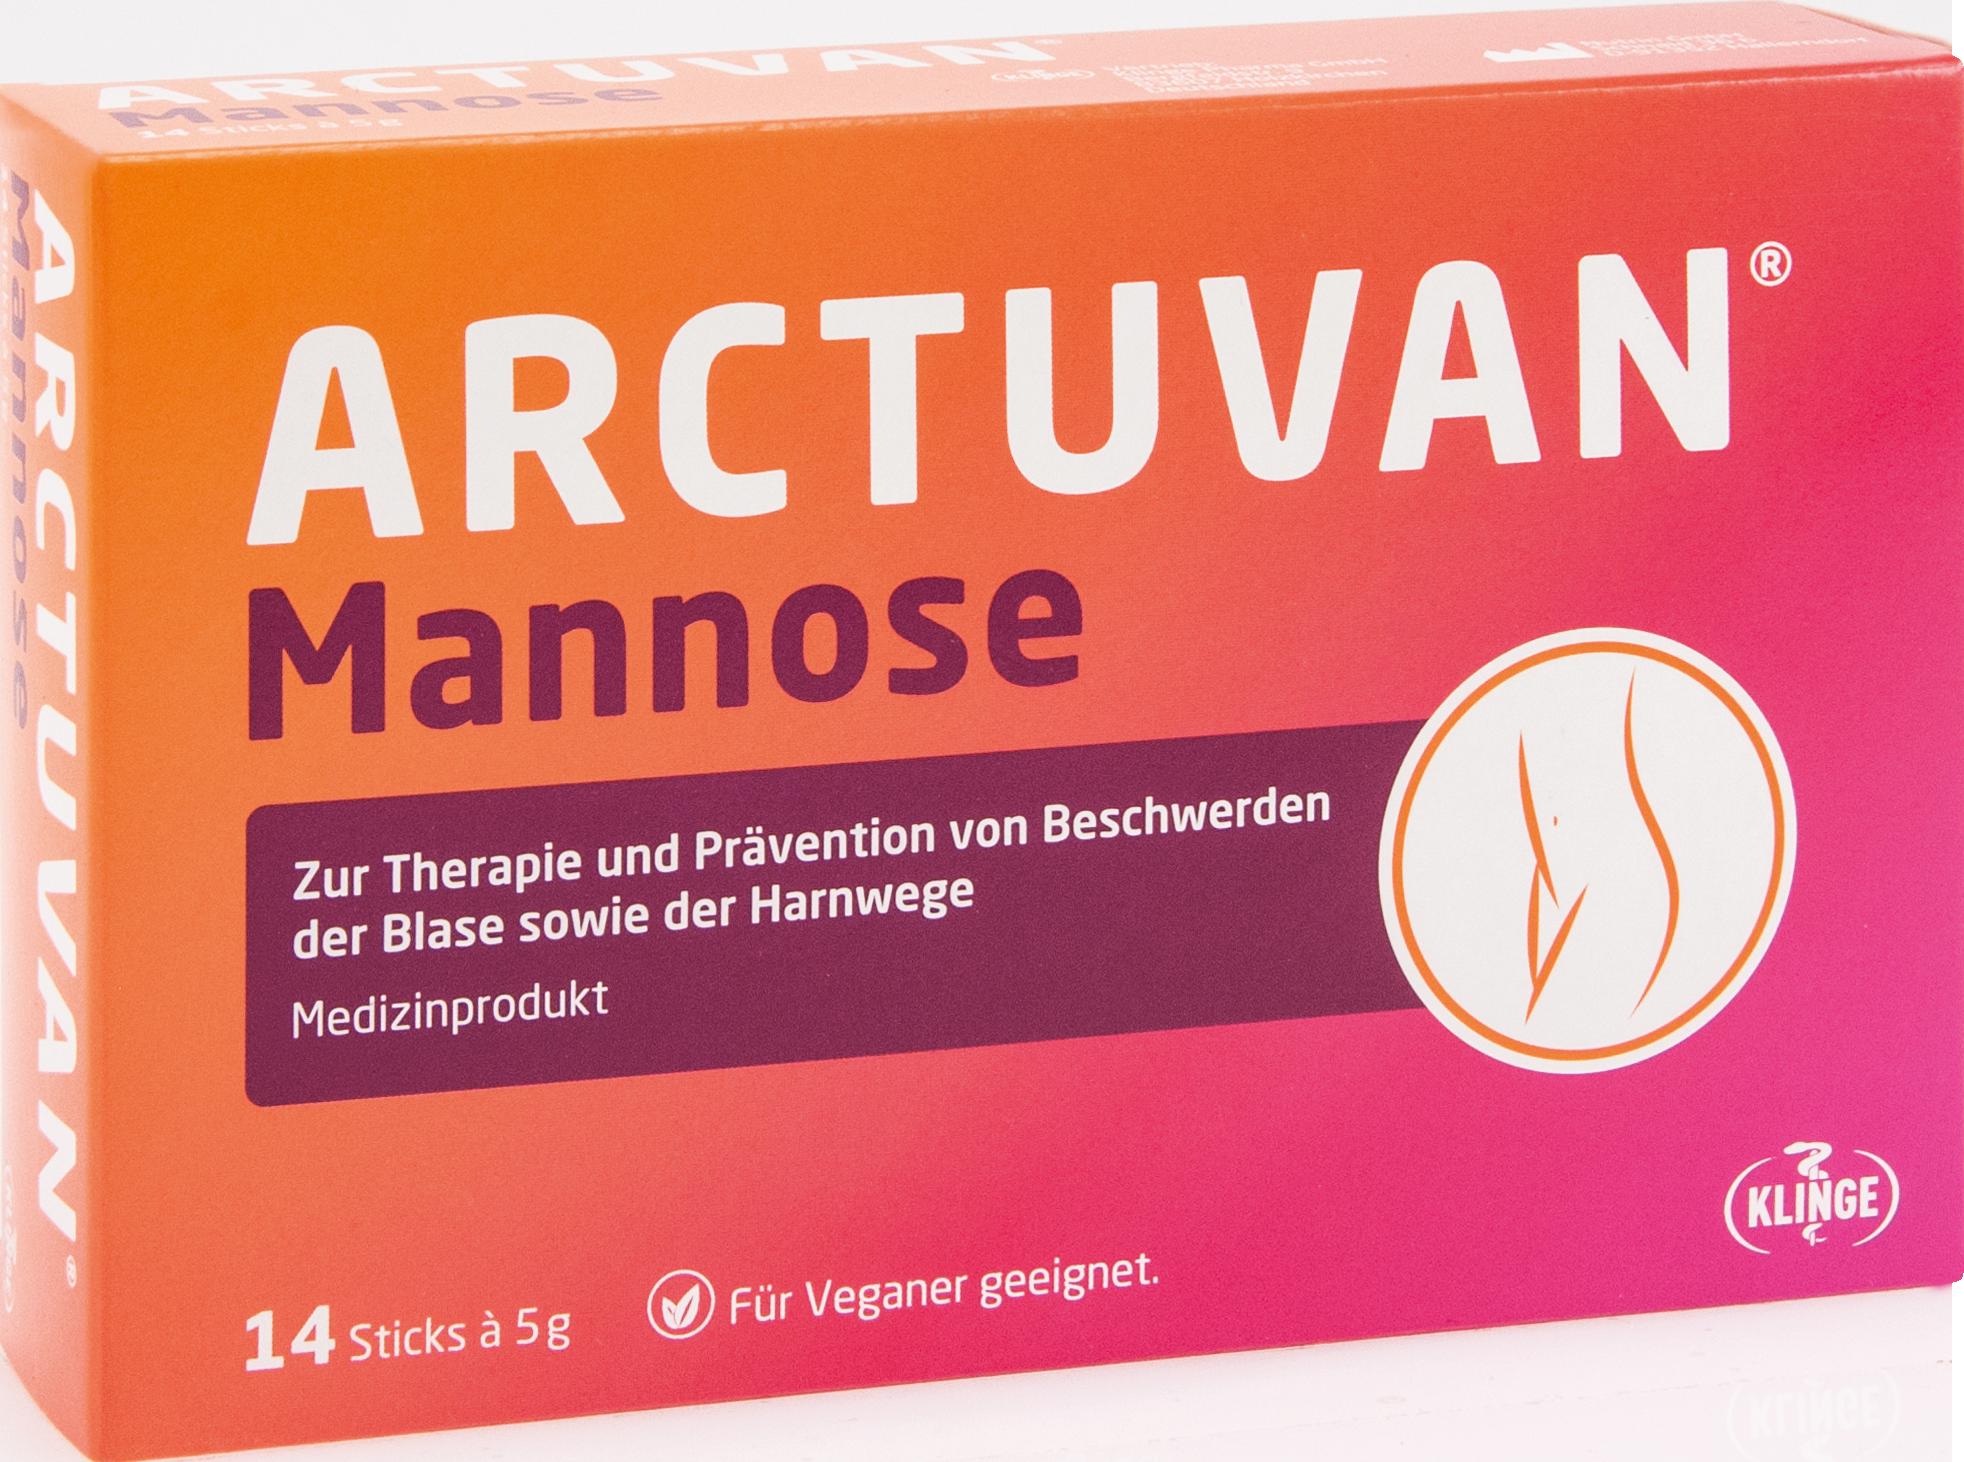 Arctuvan Mannose